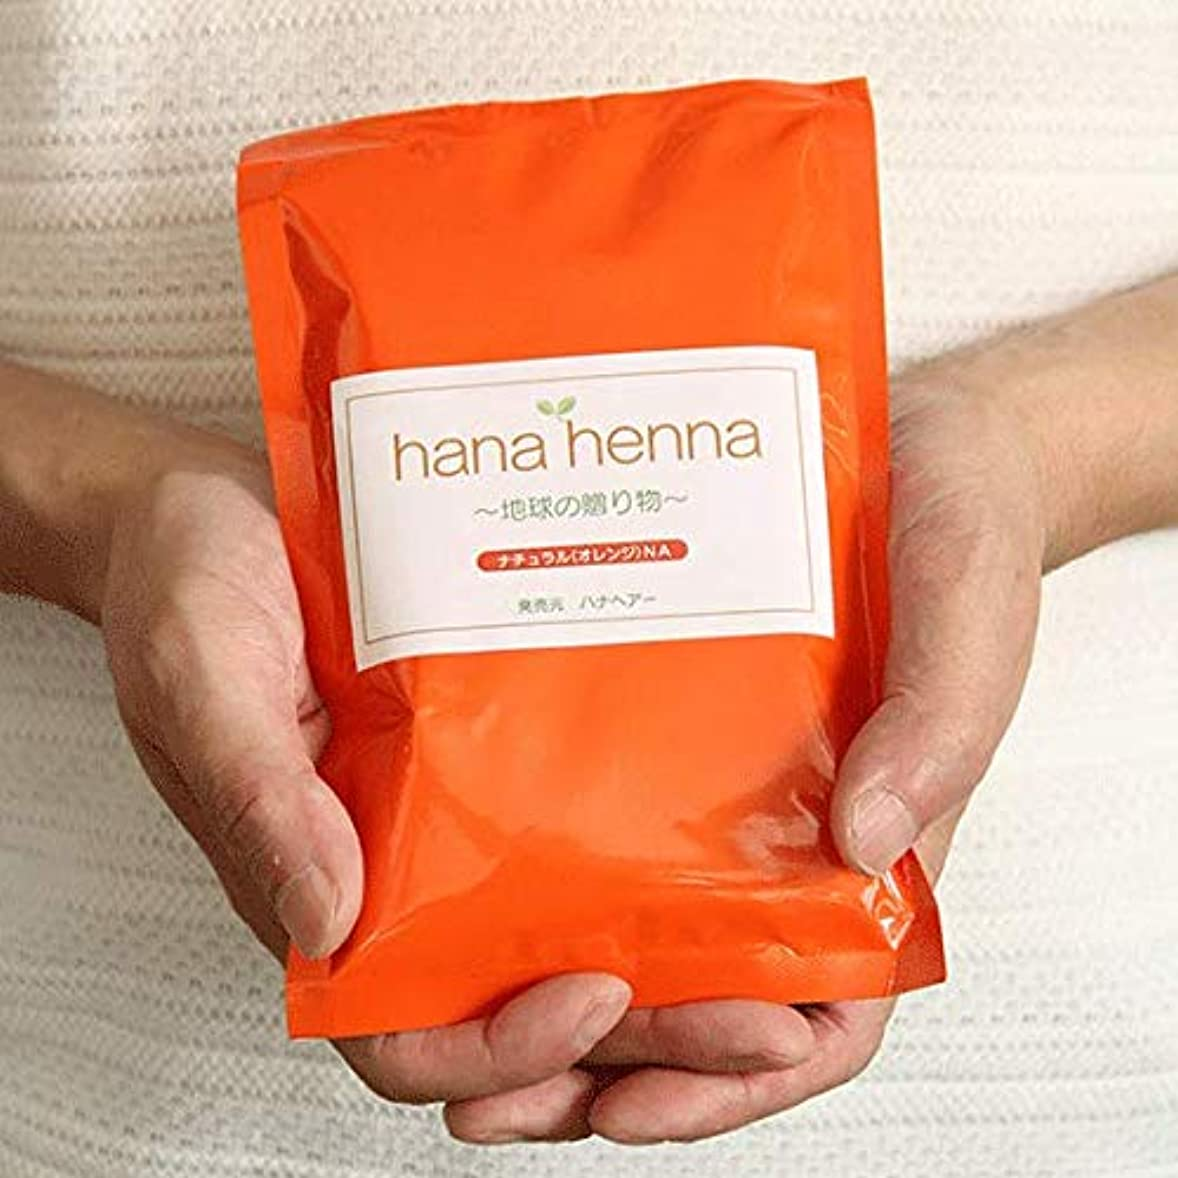 クーポンシネウィ溶けた?hana henna?ハナヘナ ナチュラル(オレンジ) 500g